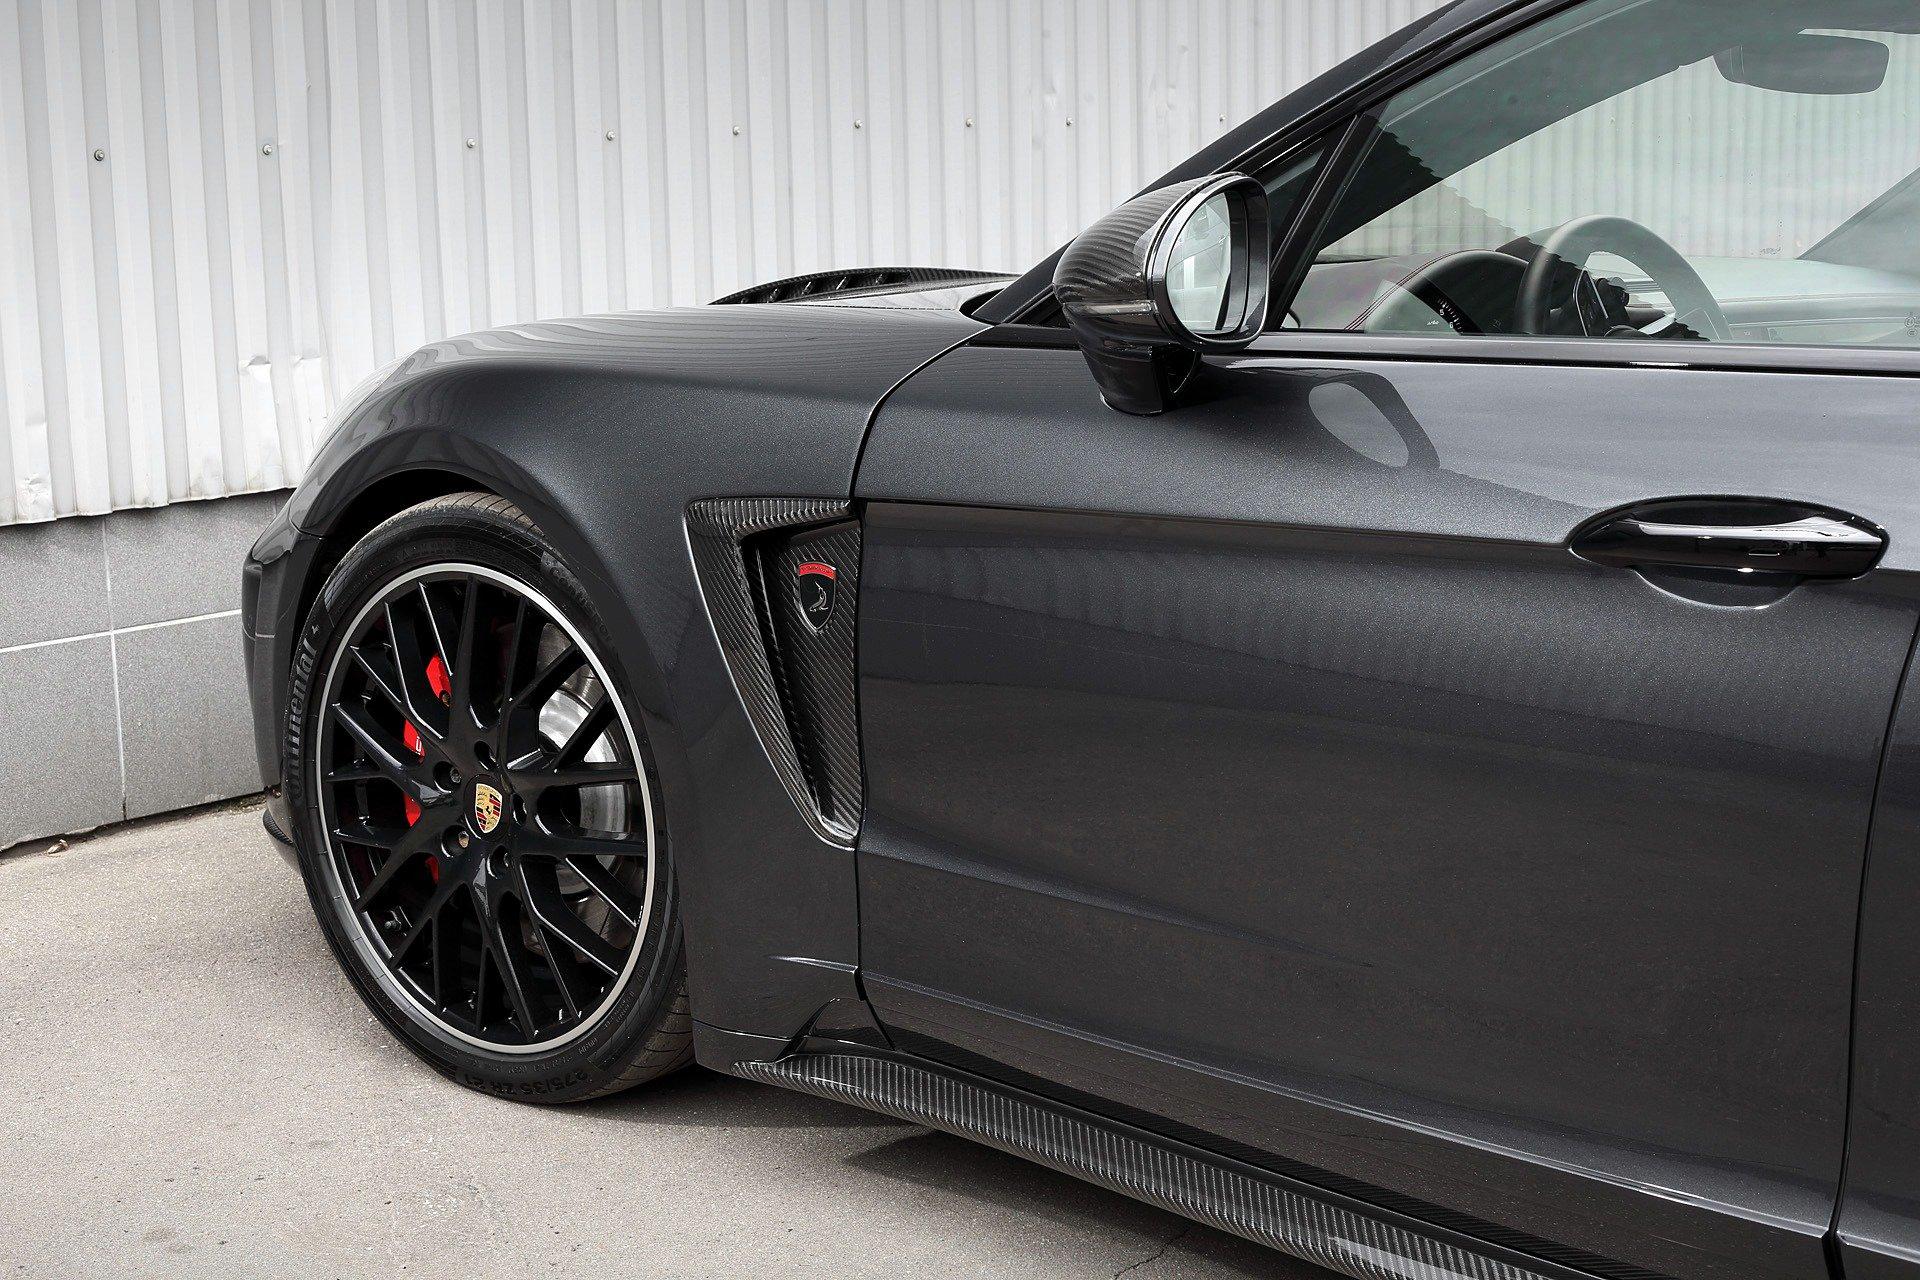 Porsche-Panamera-LWB-by-TopCar-13